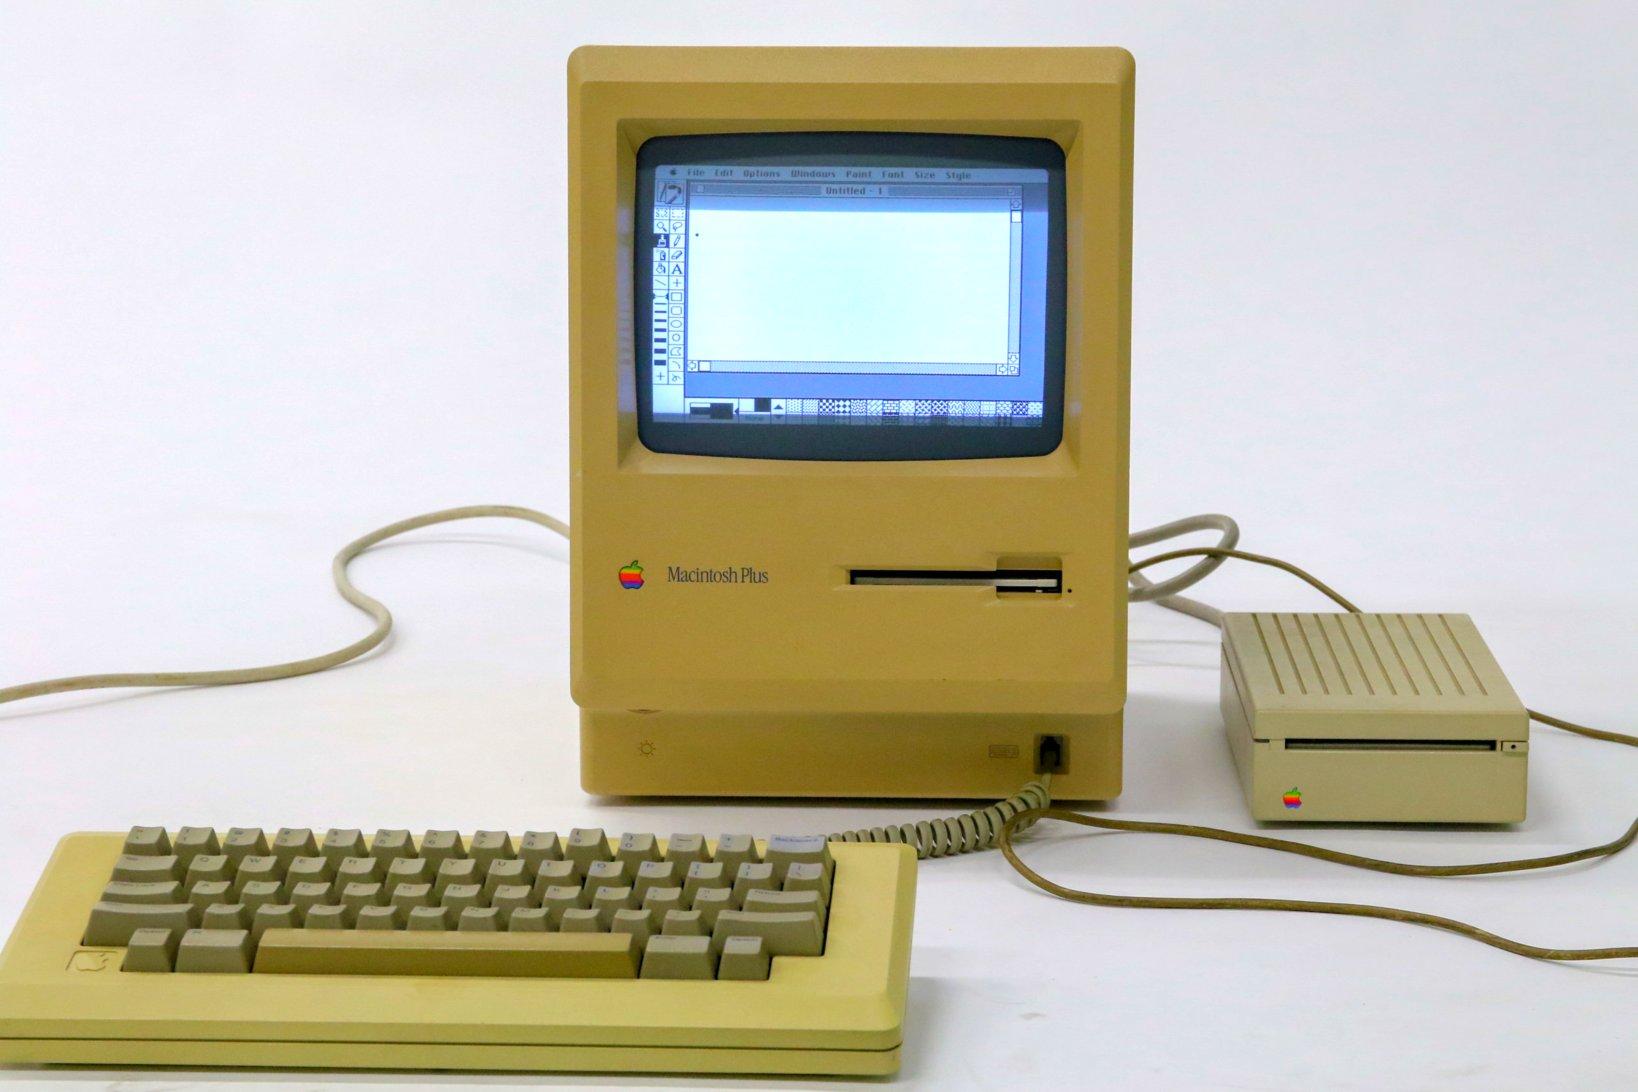 デザイン的には初代Macintoshのマイナーチェンジ版といえるMacintosh Plus(写真では、初代Macのコンパクトなキーボードと、Plusの後の世代の外付けフロッピーディスクドライブが組み合わされている)